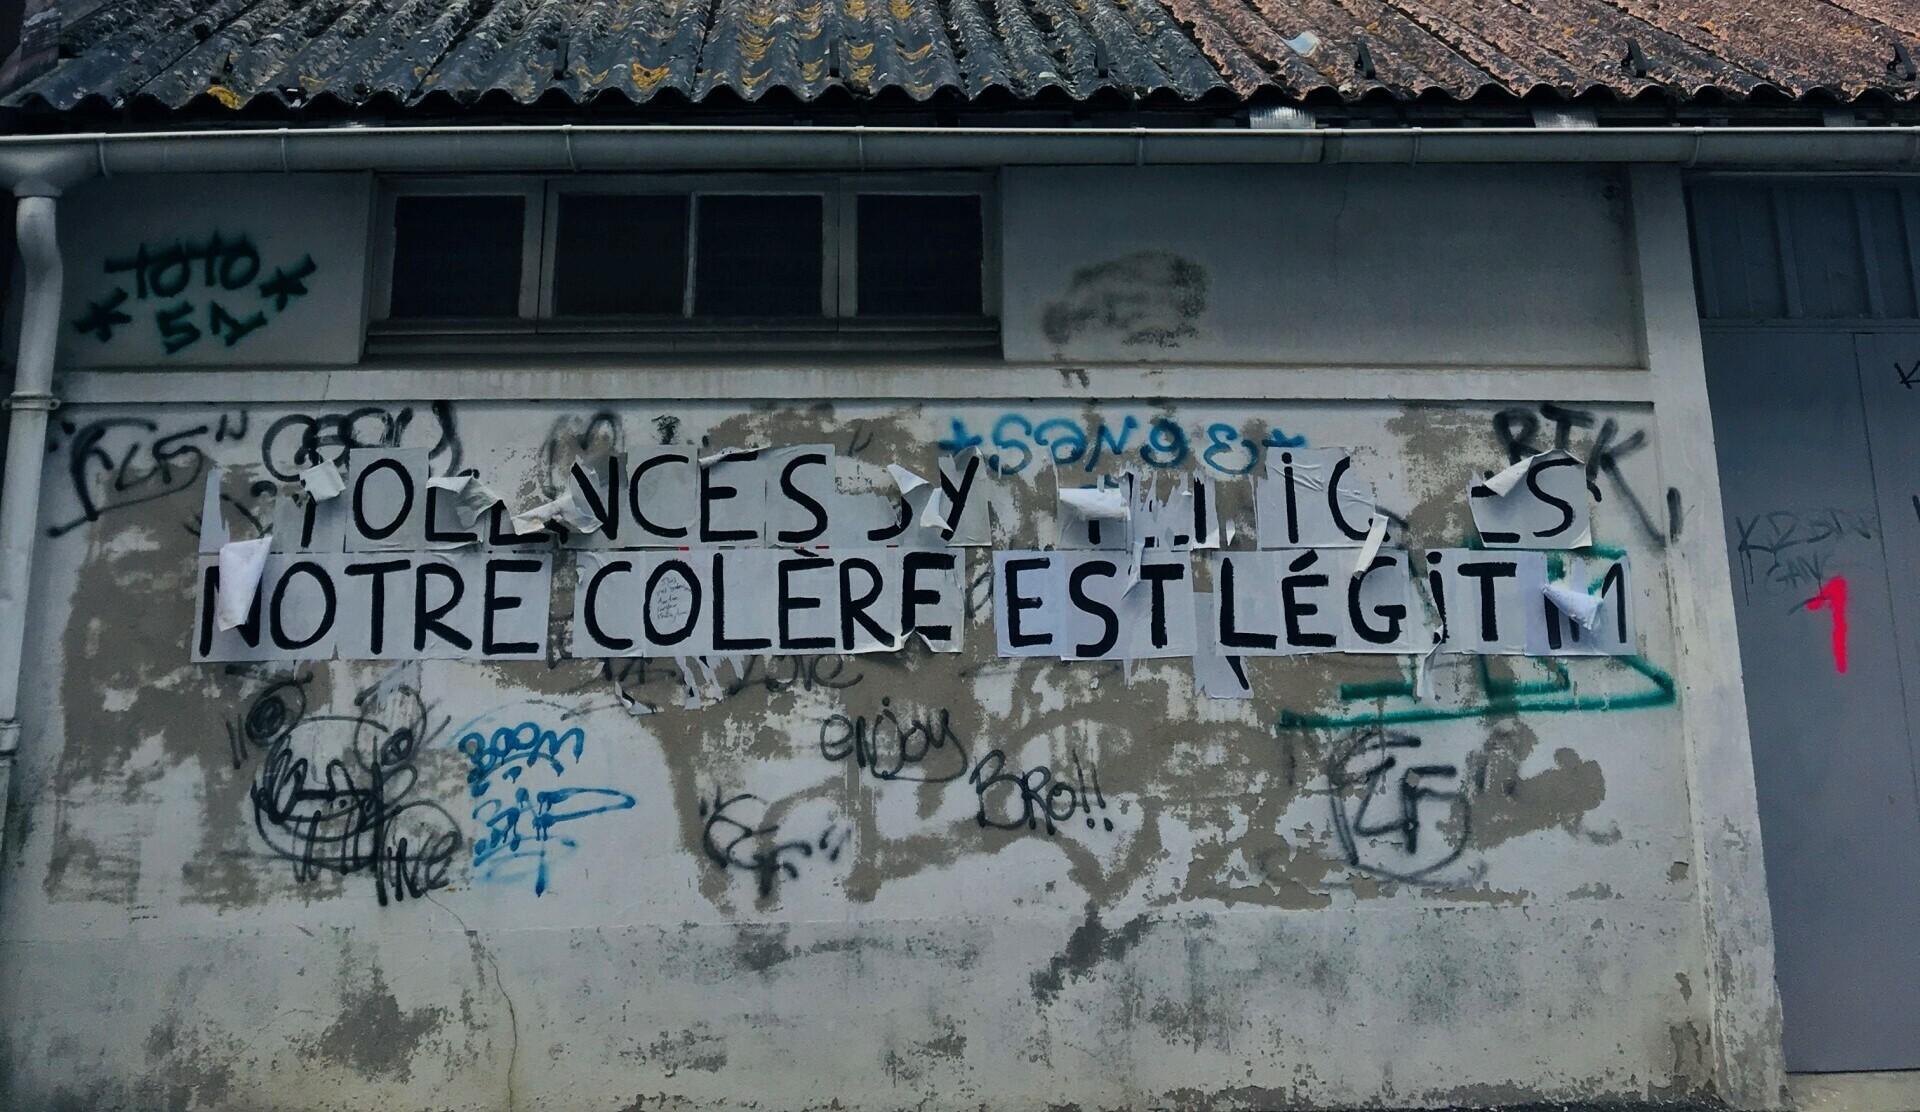 [COLLAGES URBAINS] Les murs ont la parole